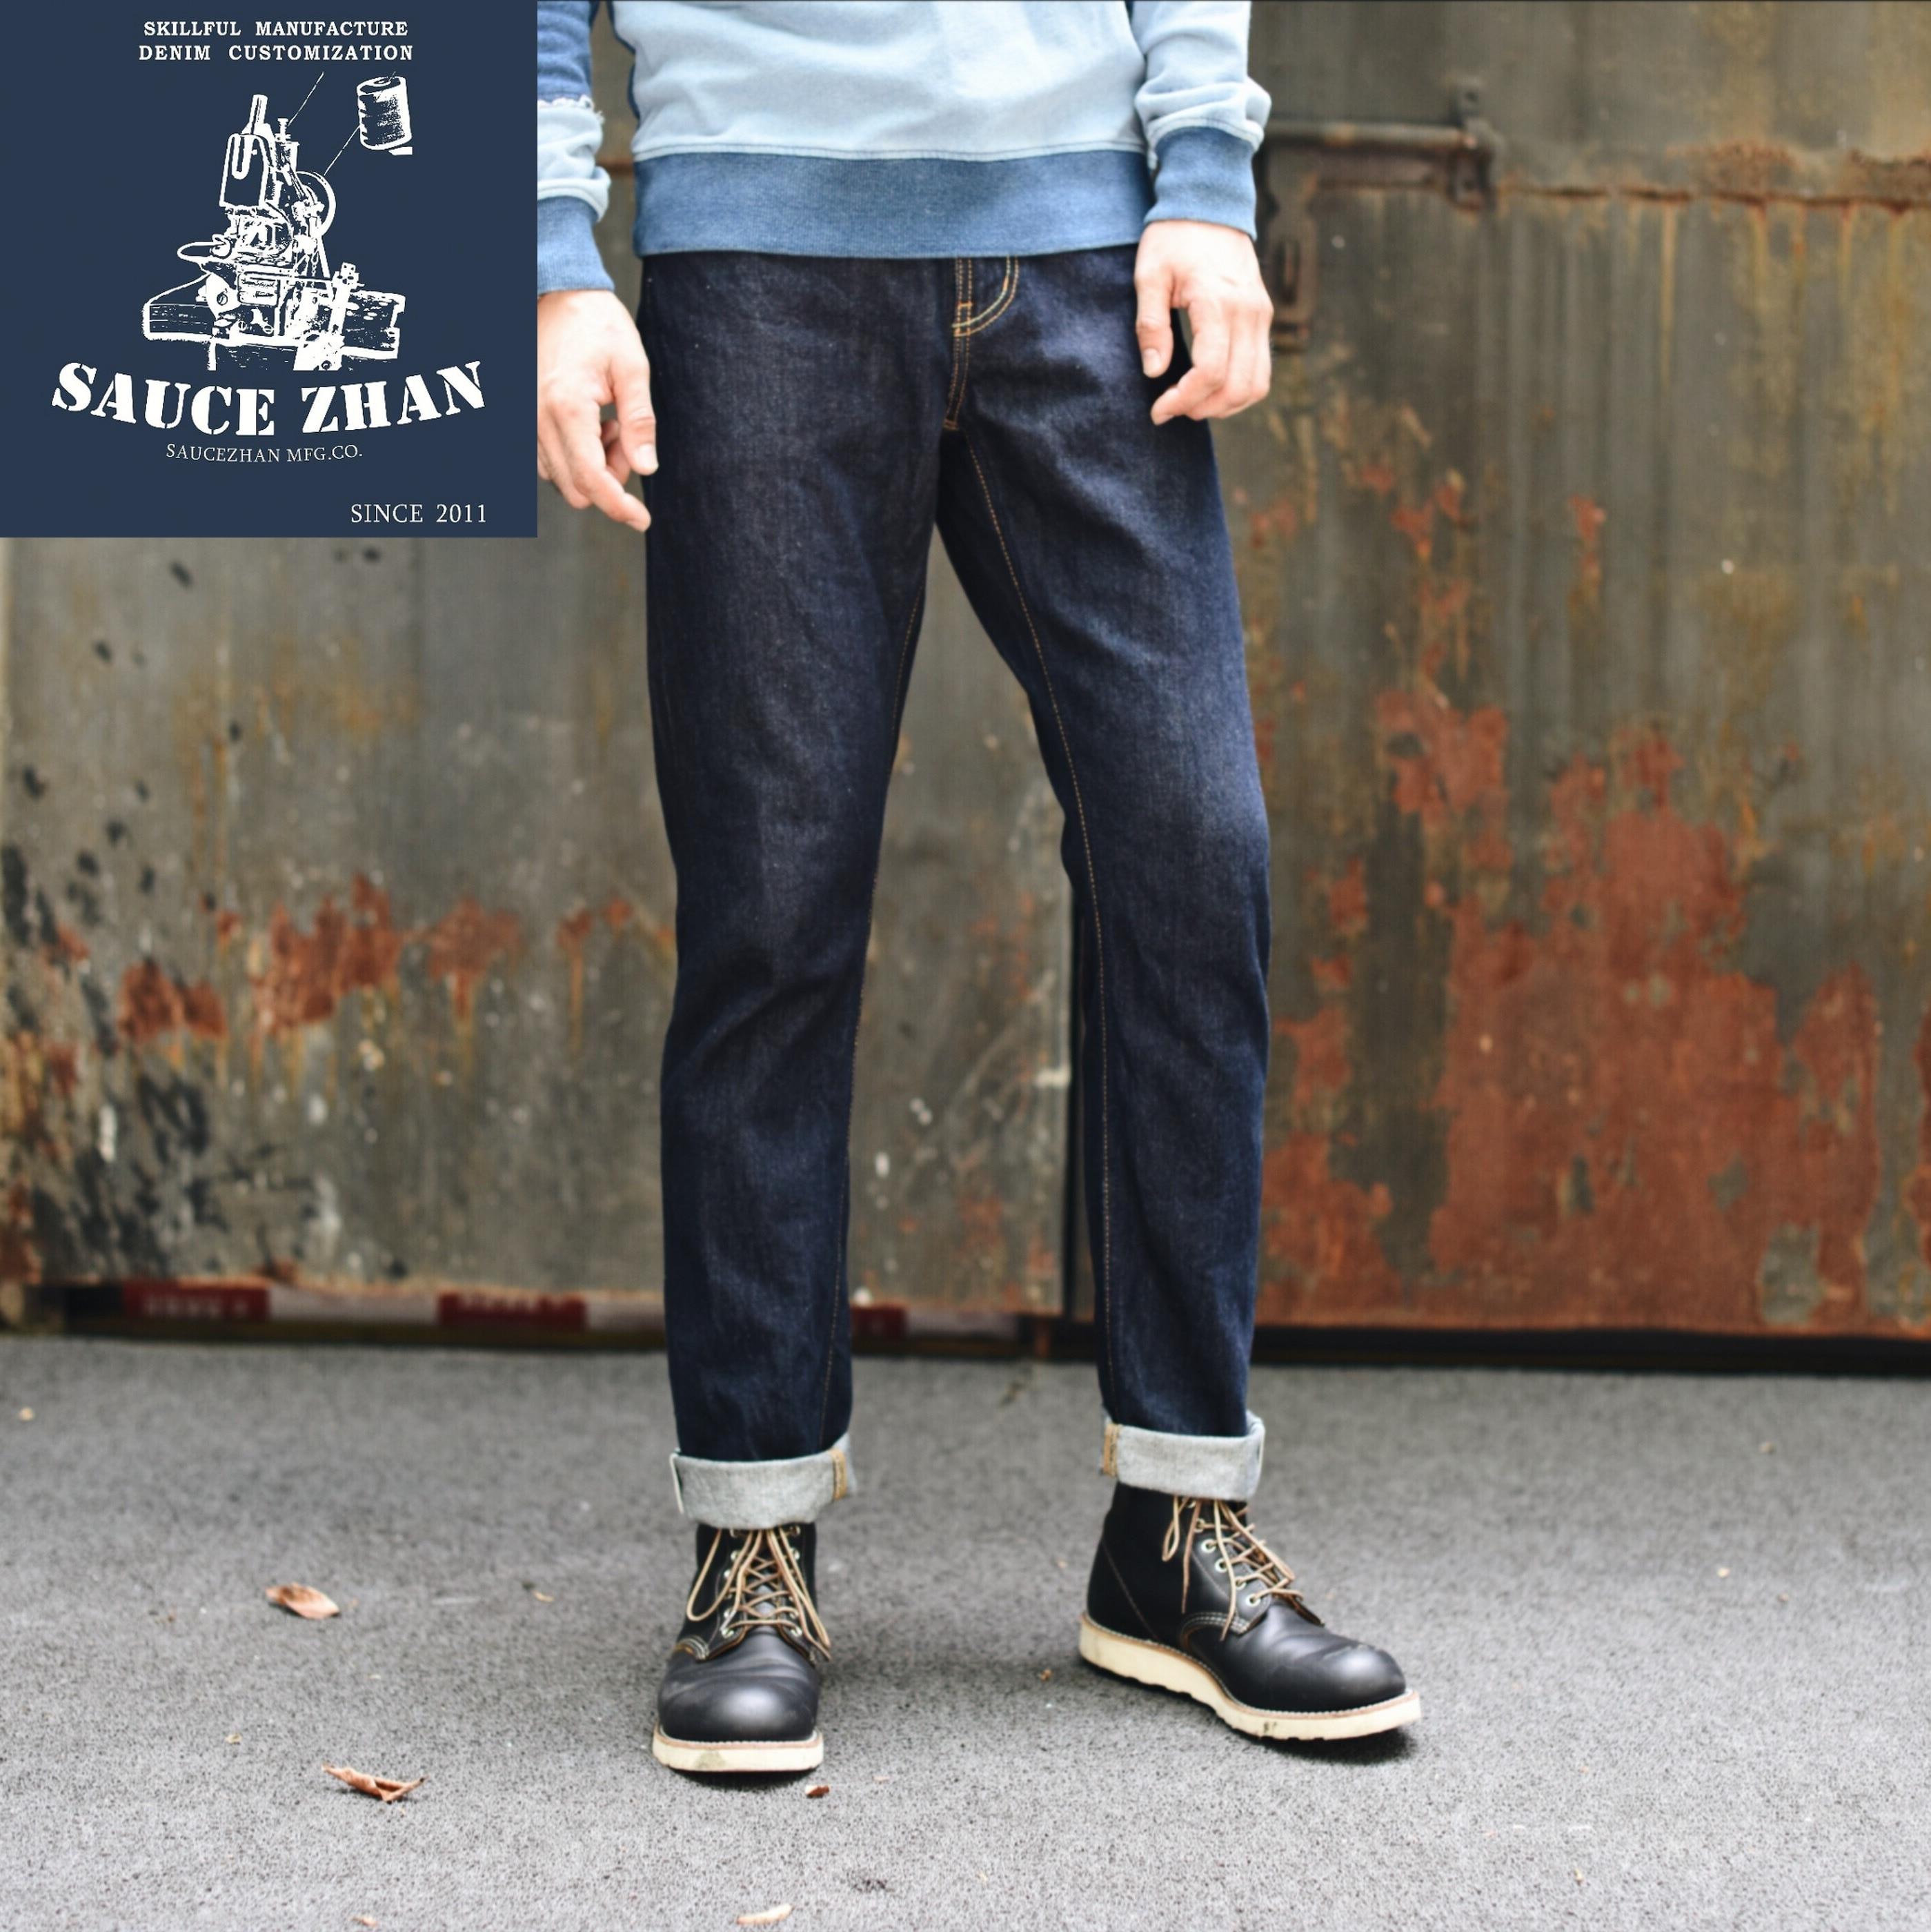 SauceZhan 314XX Jeans Men Slim Fit Jeans Cattle Denim Selvedge Jeans Indigo Jeans Jeans Raw Denim  Mens Jeans Brand Jeans Men